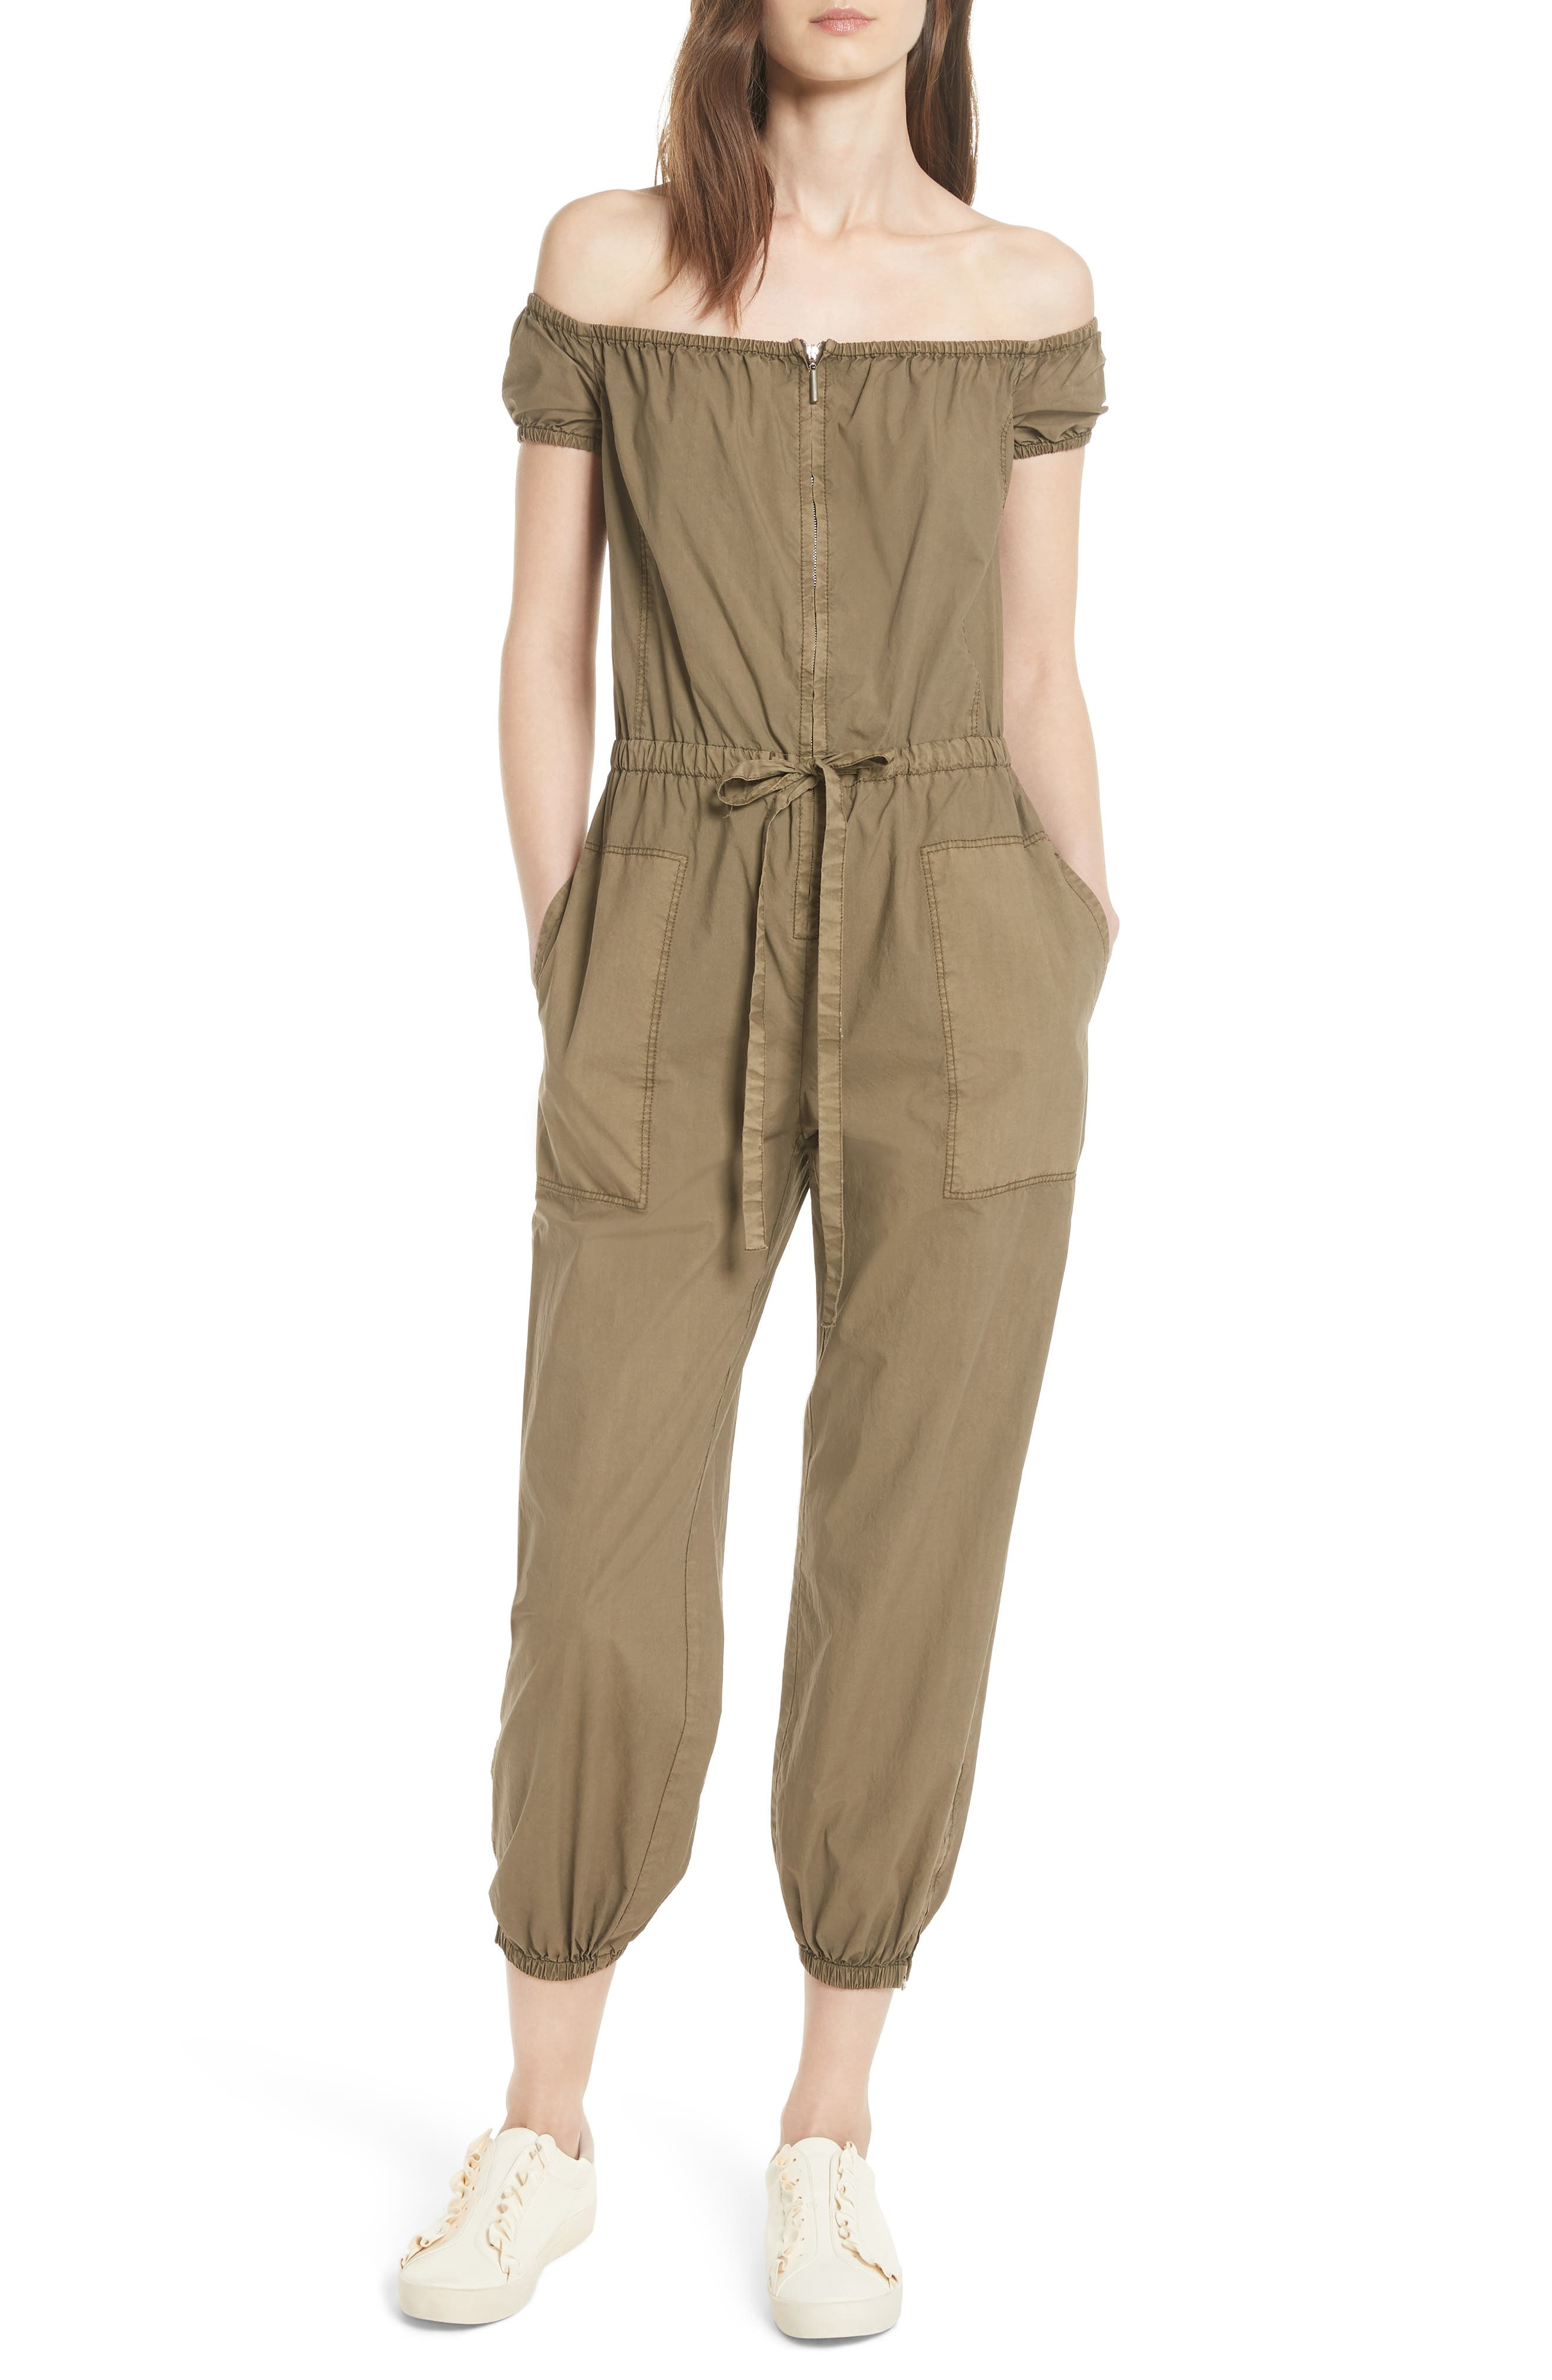 La Vie Rebecca Taylor Parachute Off the Shoulder Zip Cotton Jumpsuit